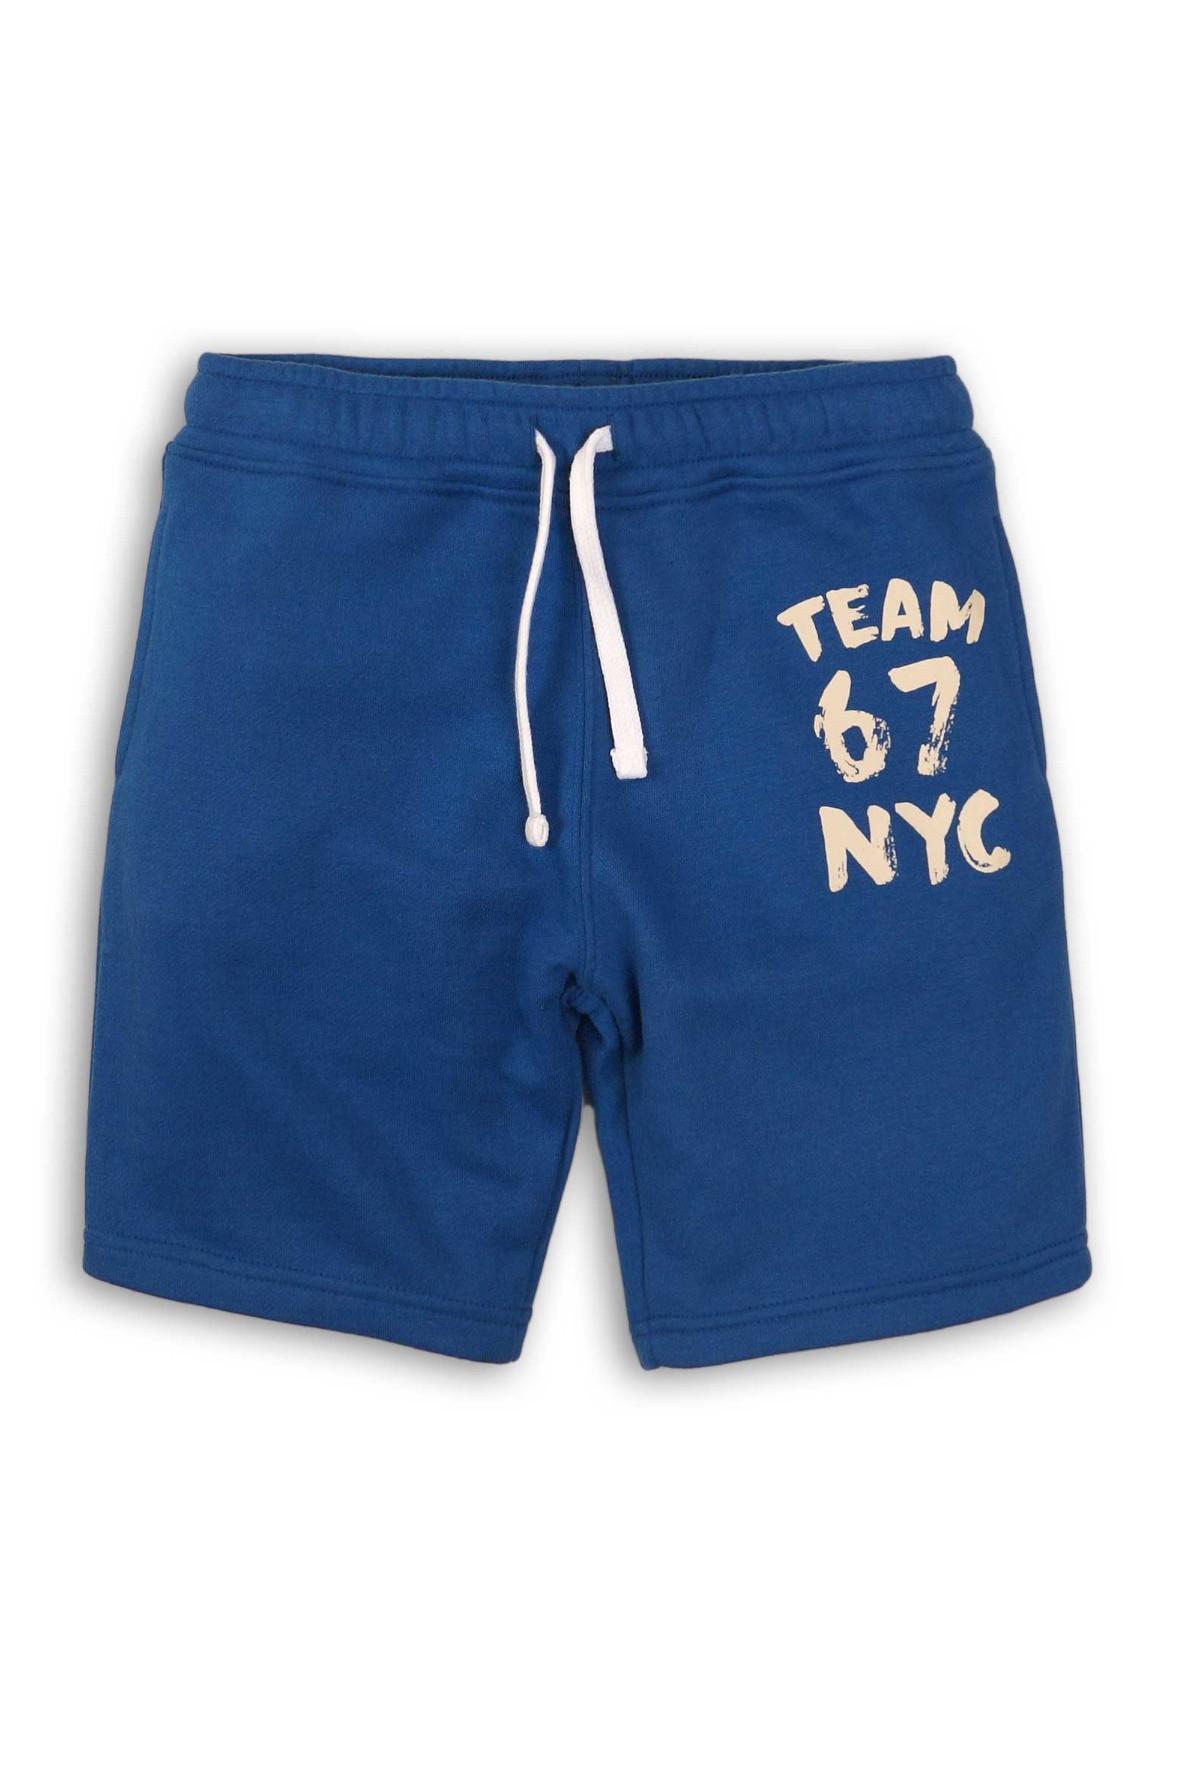 Spodenki chłopięce niebieskie NYC